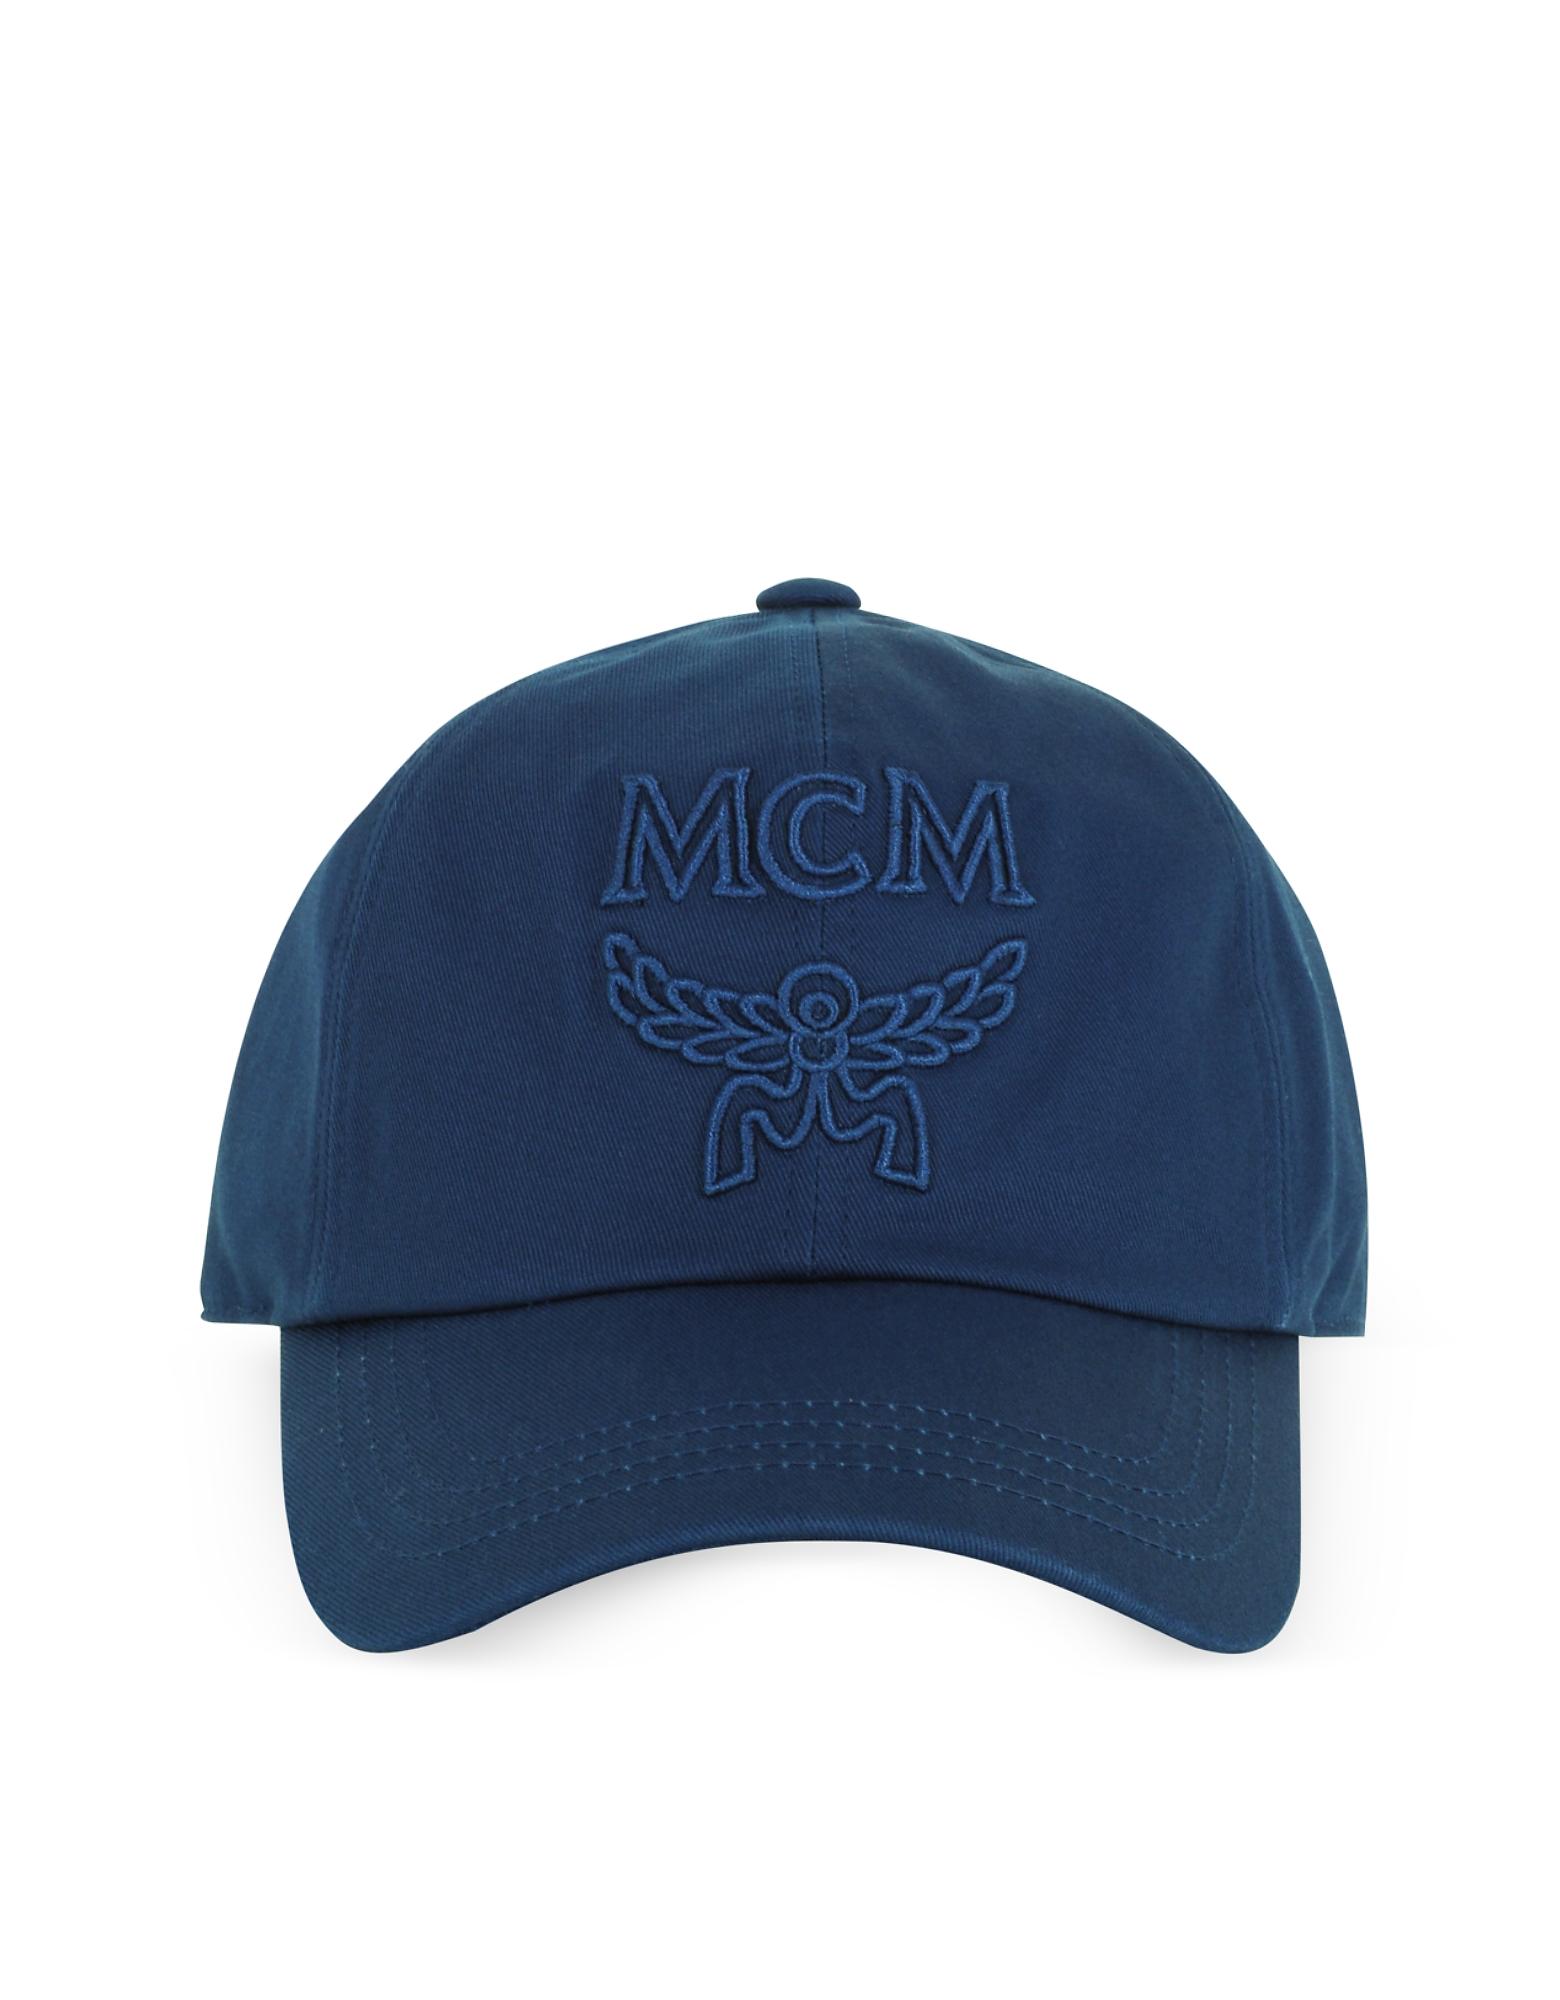 MCM Men's Hats, Signature Cotton Baseball Cap